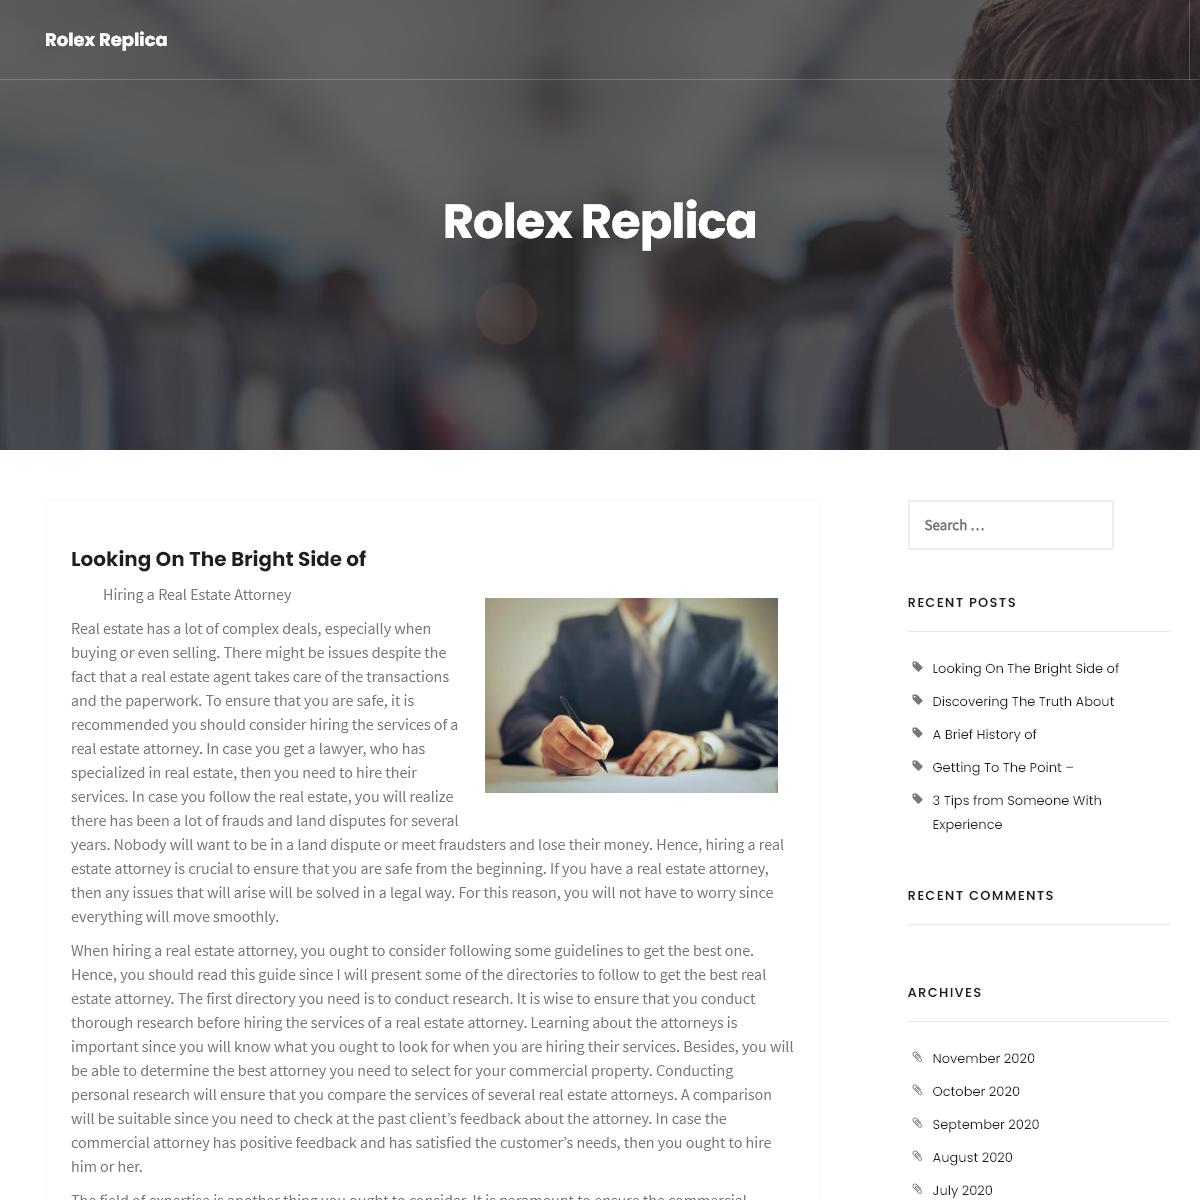 Rolex Replica